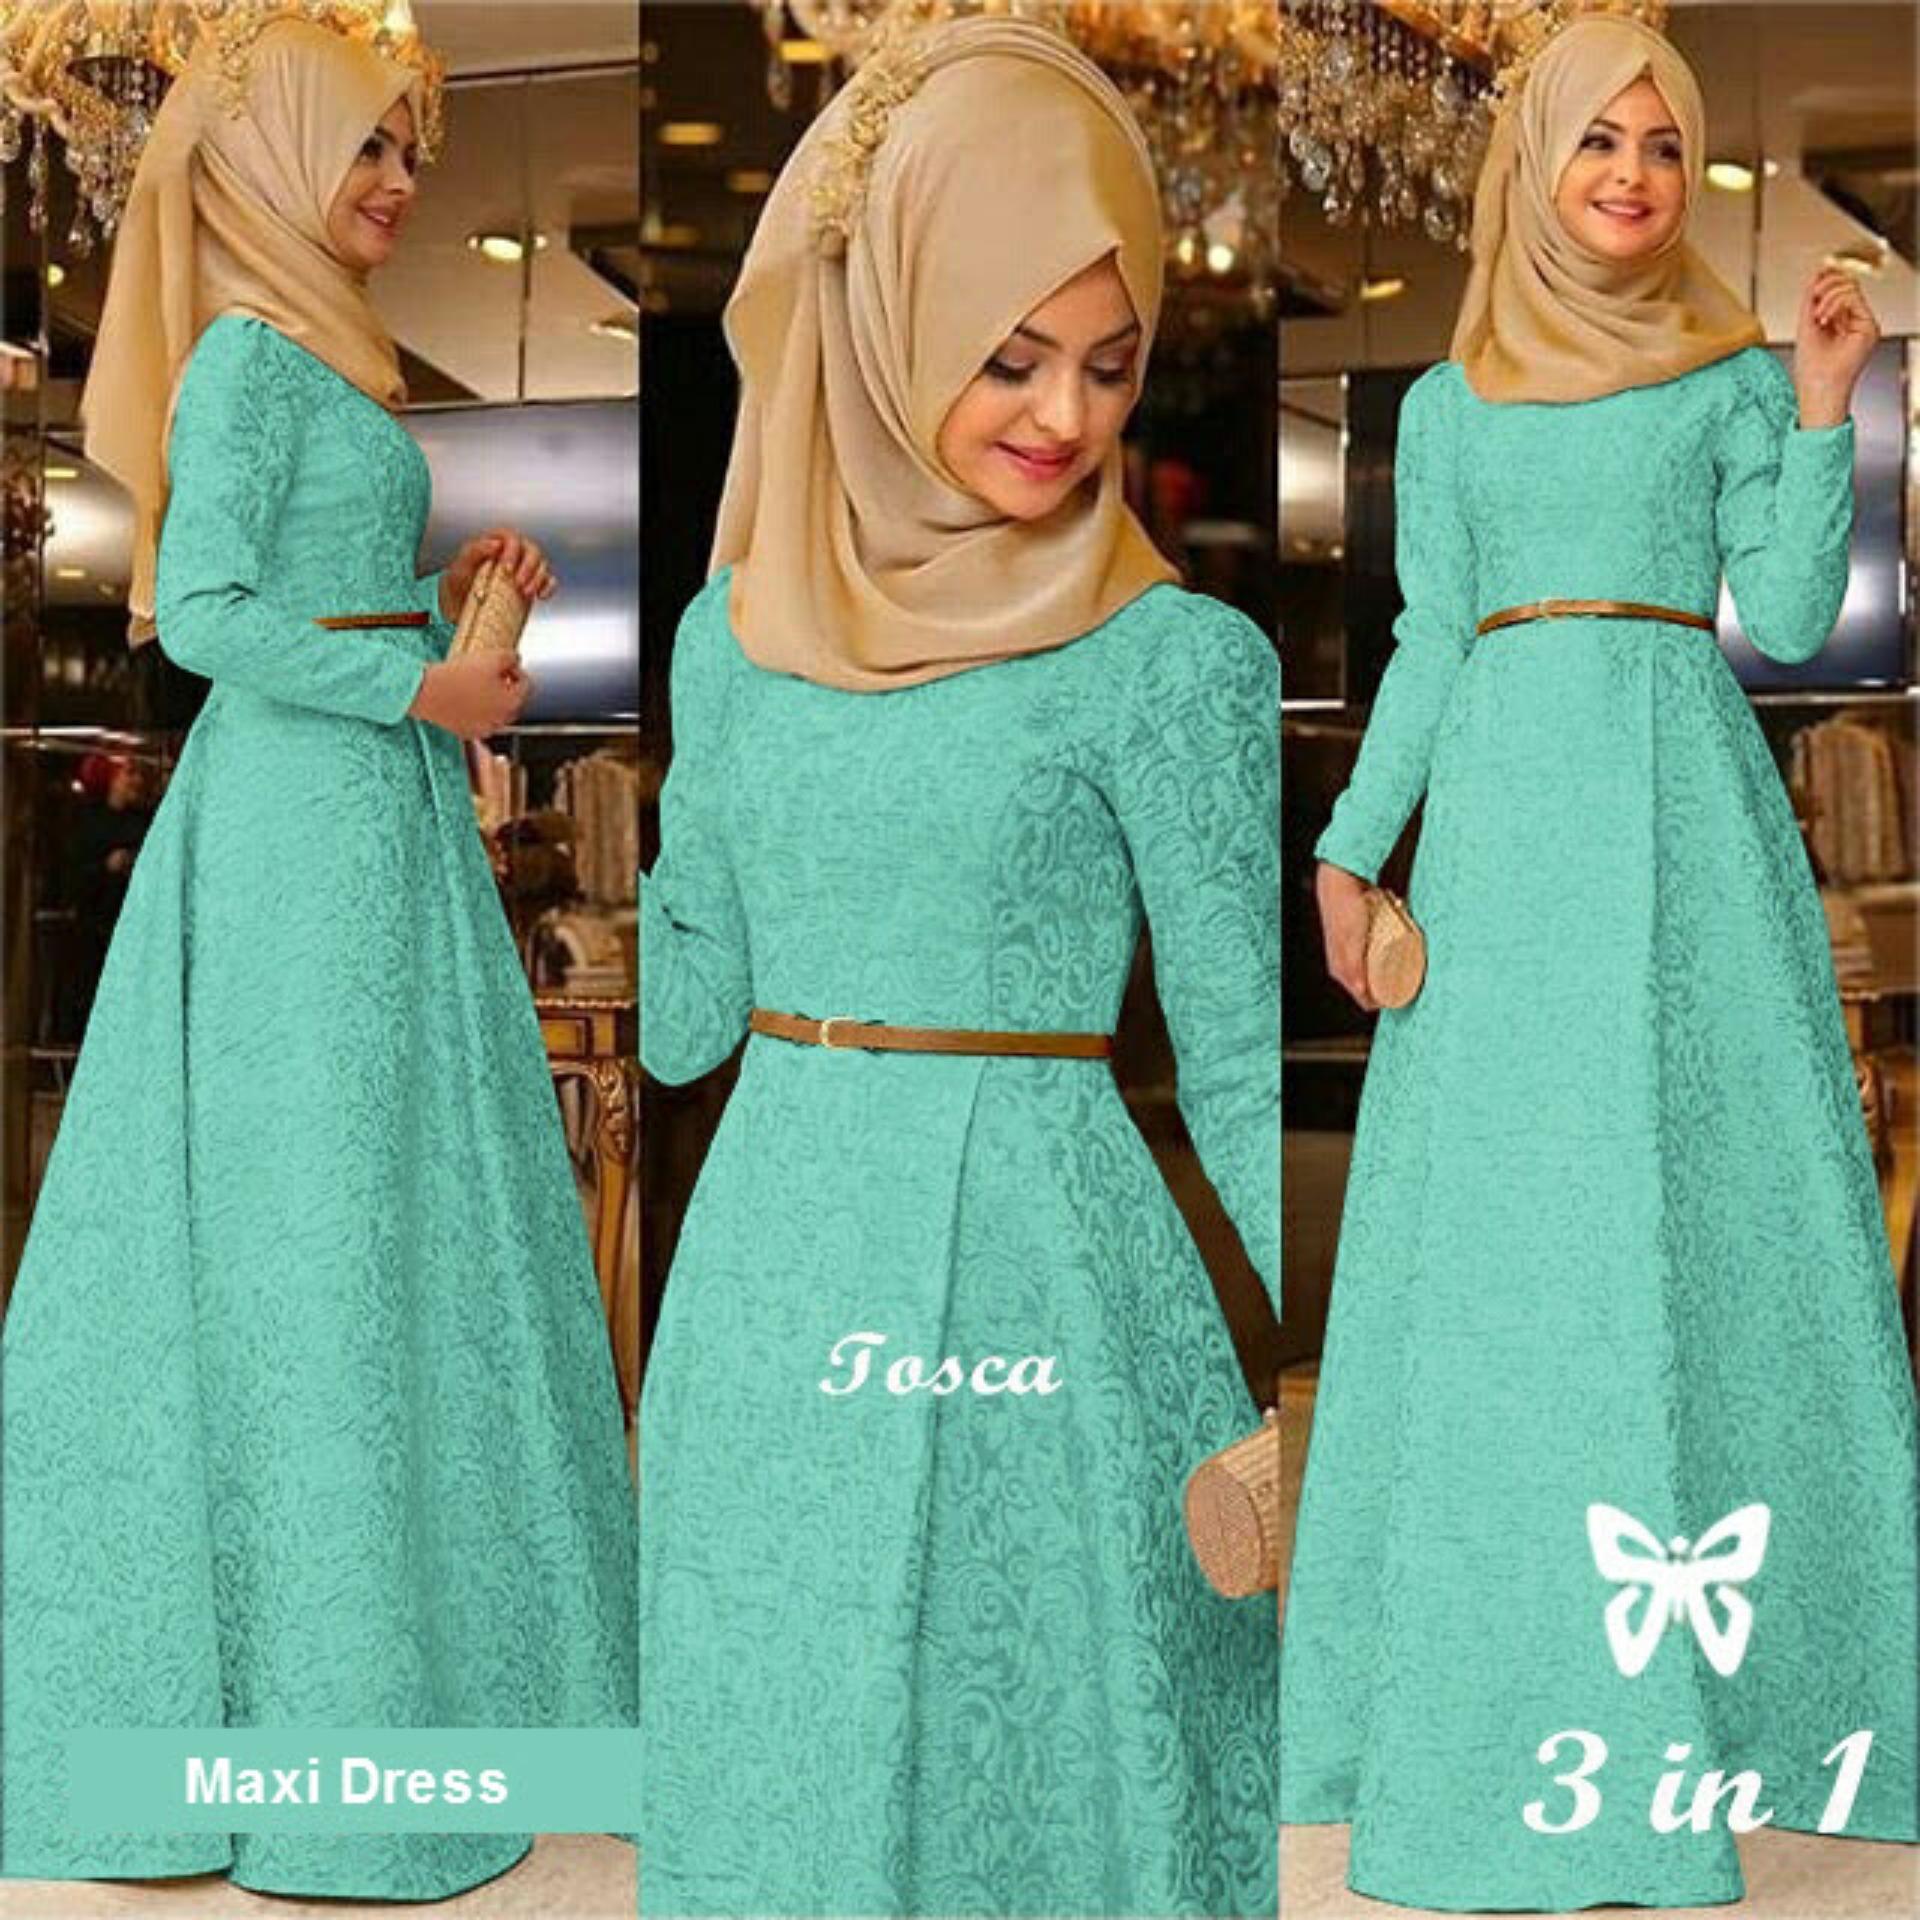 Jual Gamis Terbaru Terlengkap Hijab Zaina Syari Kerudung Panjang Jilbab Maxi Dress Lengan Set 3 In 1 Msr078 Gaun Pesta Muslimah